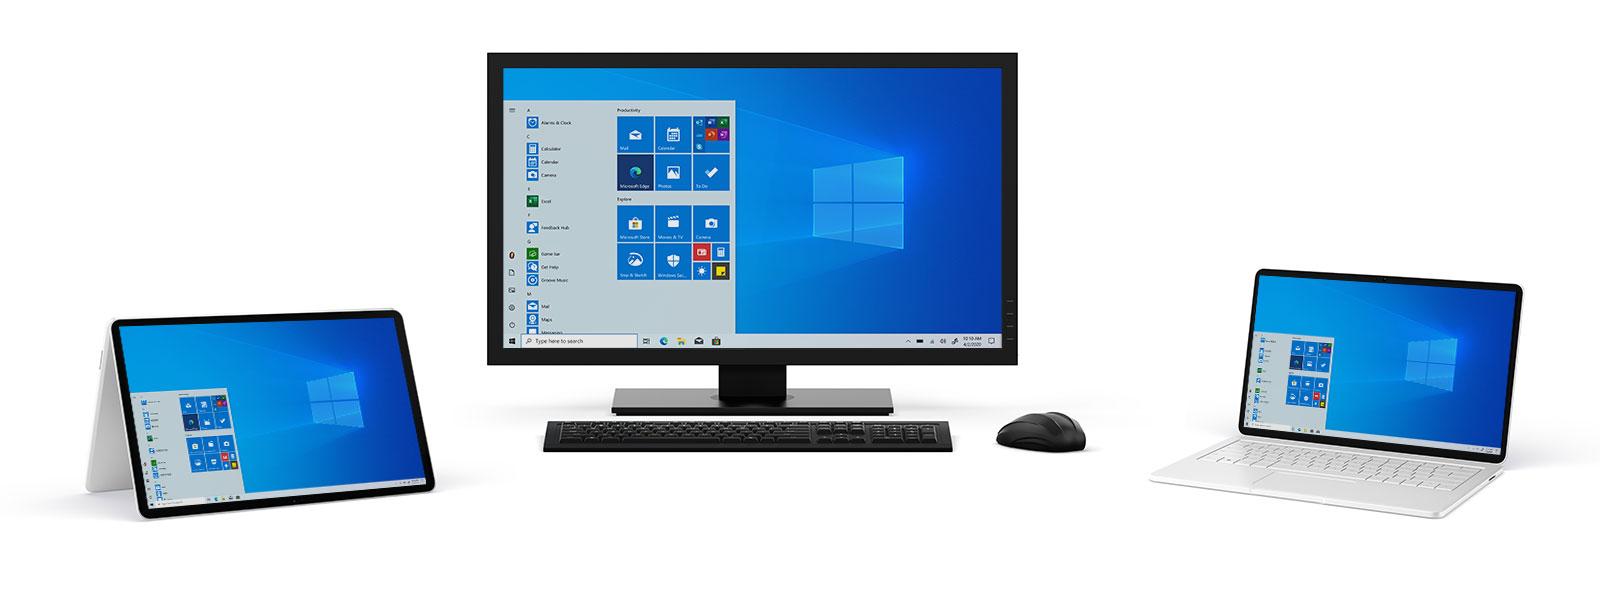 Sammlung von Windows 10-Geräten